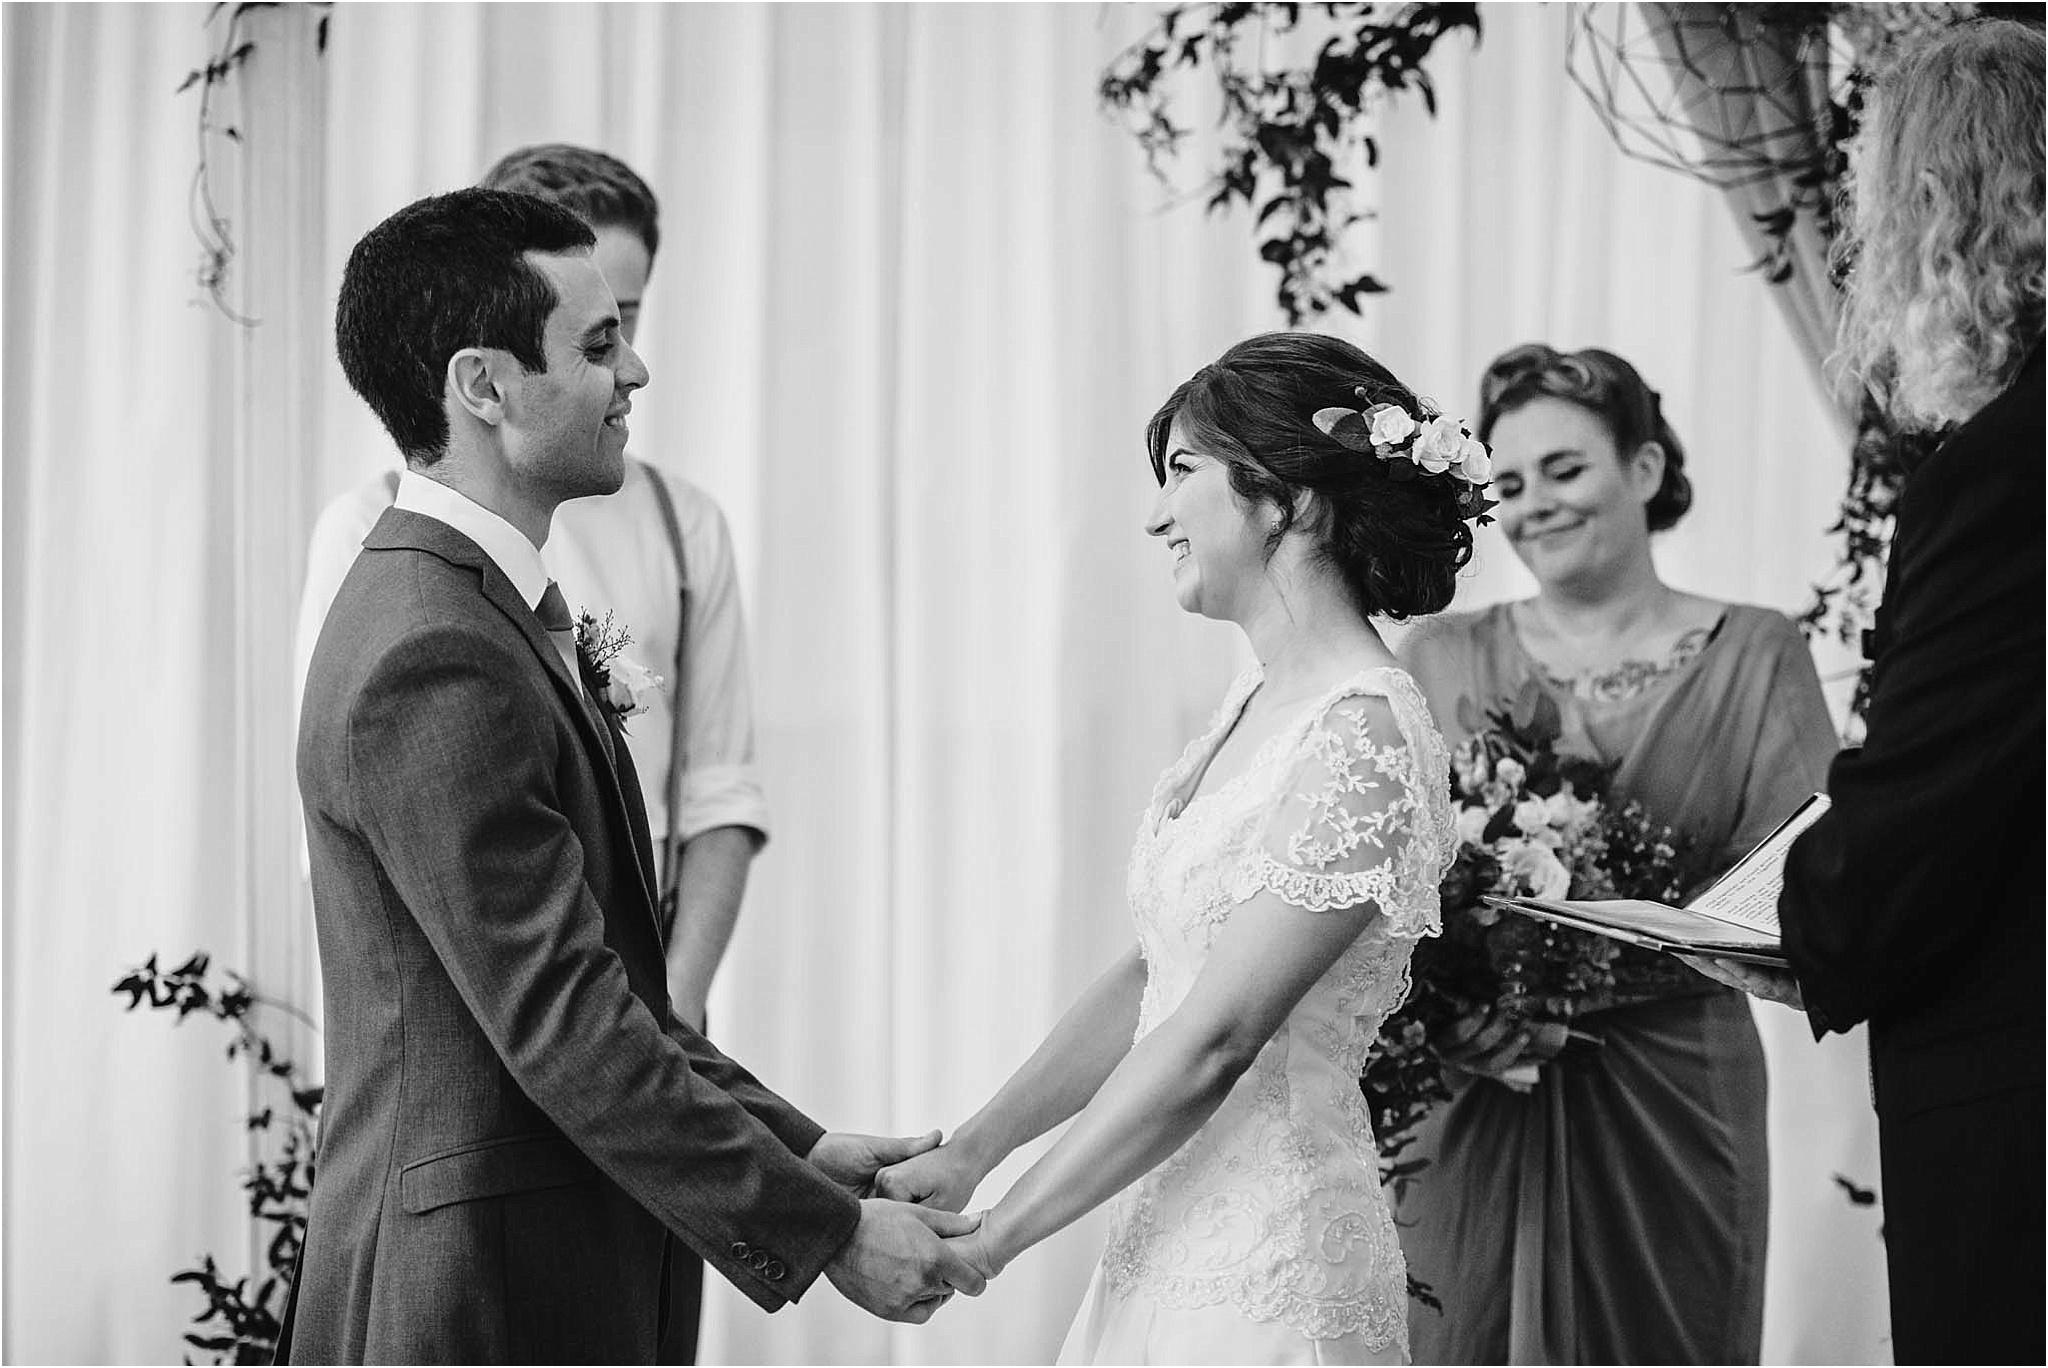 Auckland-Wedding-Photographer-Vanessa-Julian-Officers-Mess-Married_0025.jpg